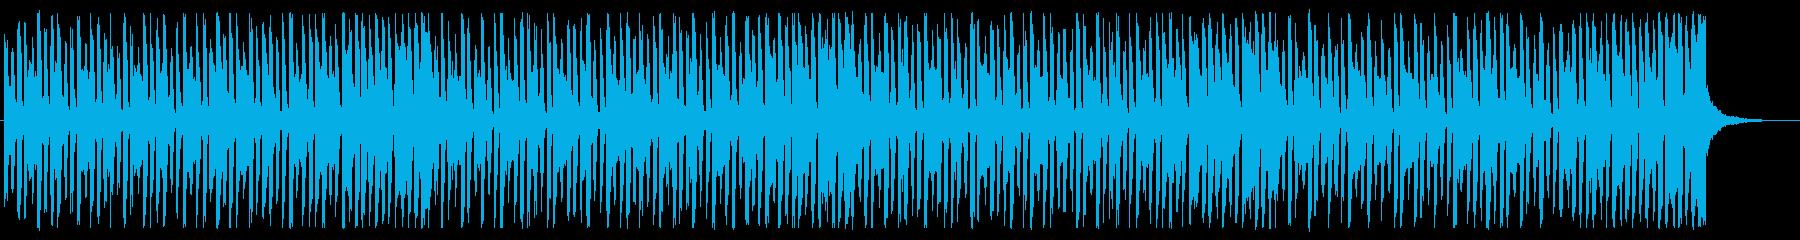 誰かに言及するときに流れるBGMの再生済みの波形